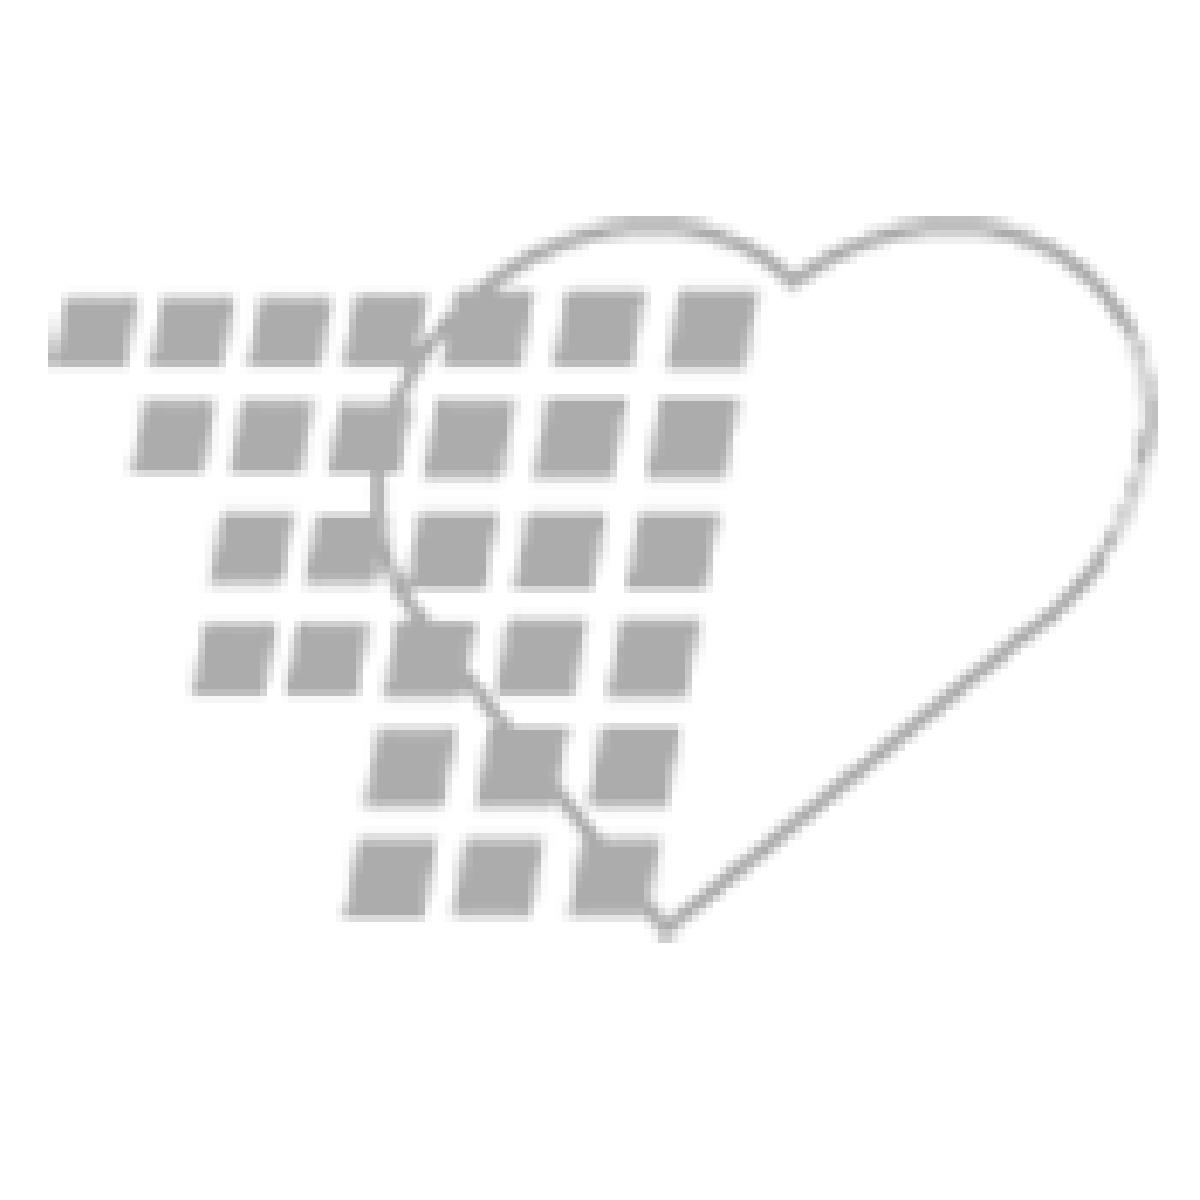 11-81-0363 Nasco Infant IV Arm